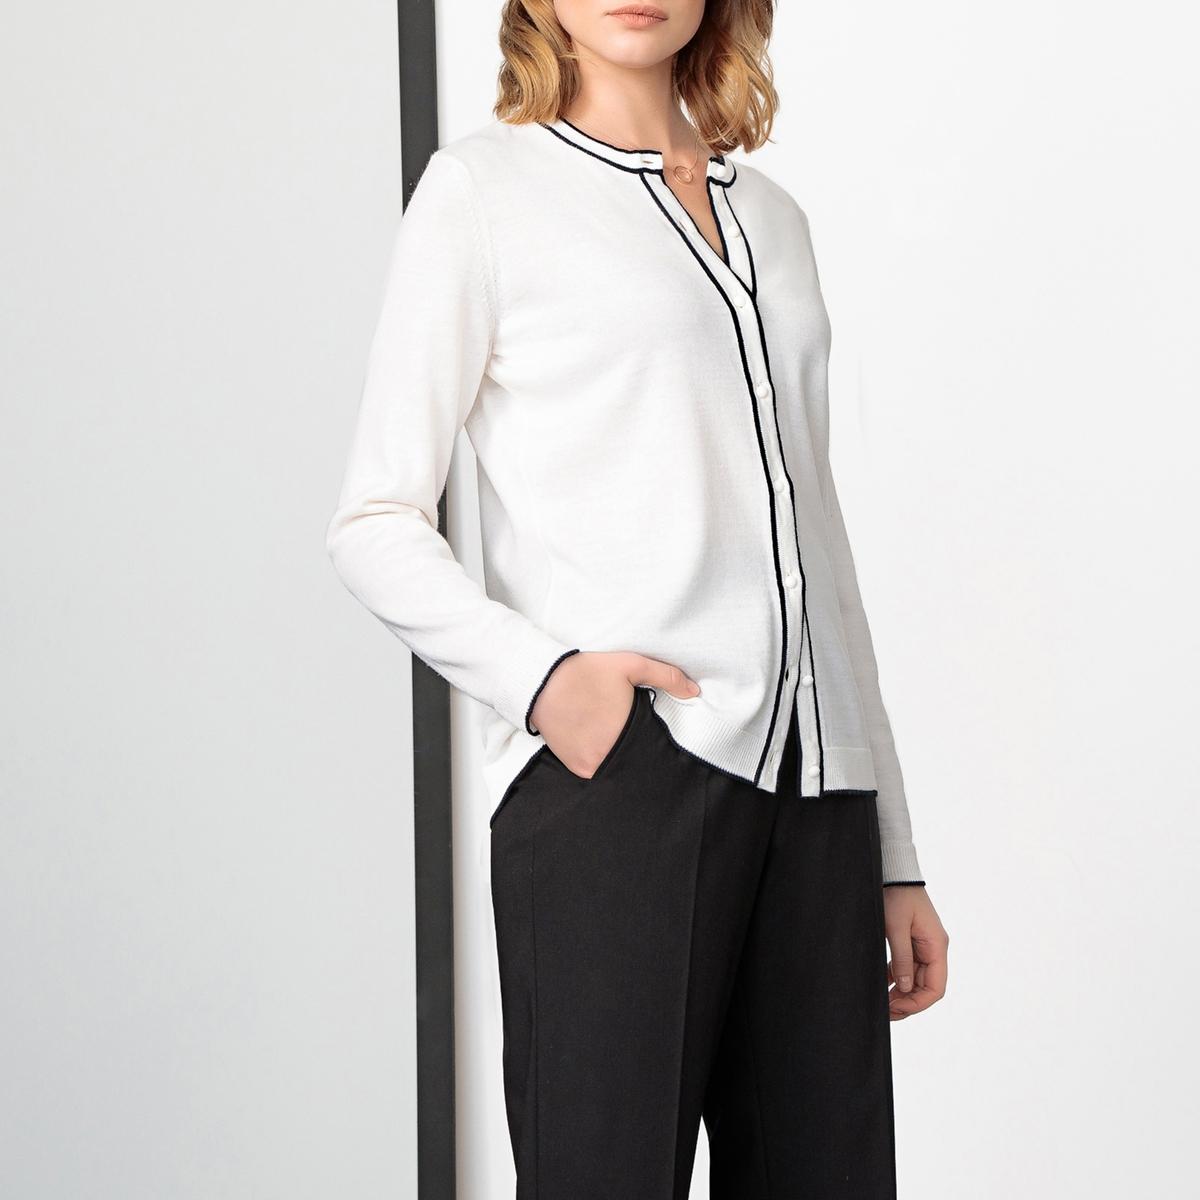 Imagen principal de producto de Cárdigan 50% lana merina con cuello redondo, abotonada - Anne weyburn